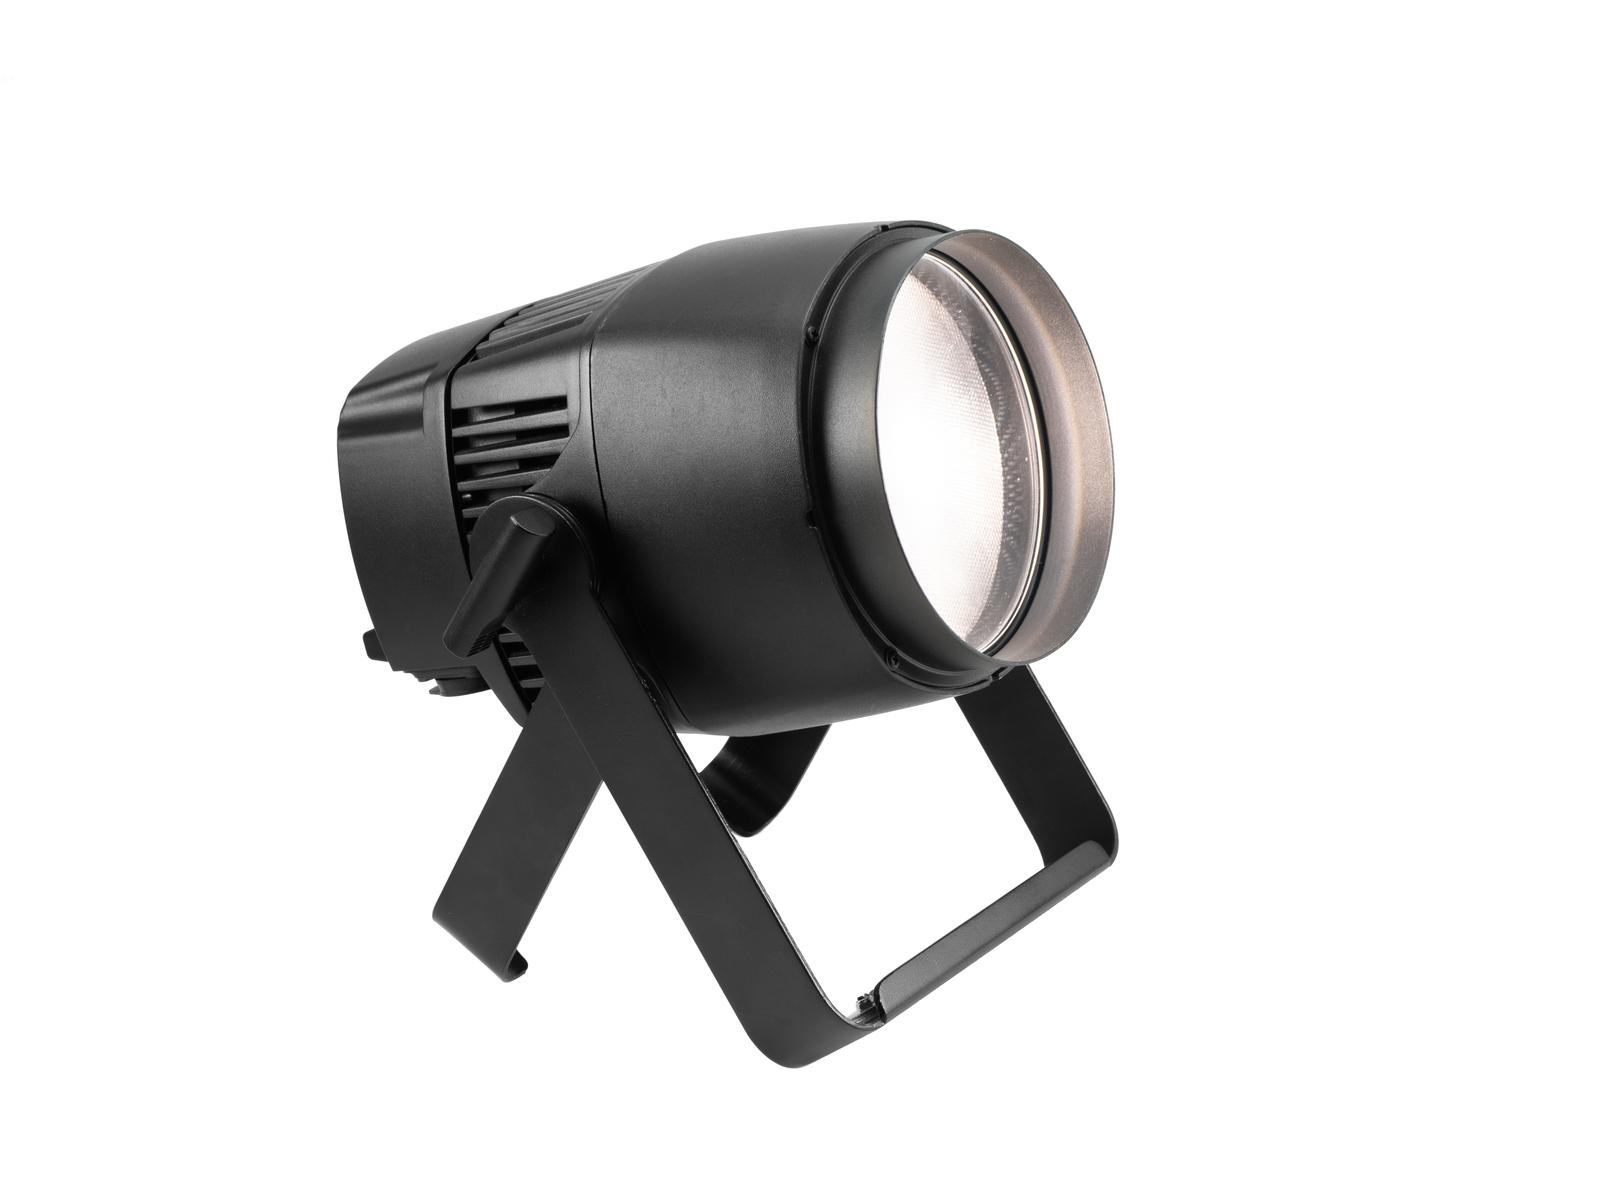 Eurolite LED IP Tourlight 120WW venkovní bílé světlo s IP65